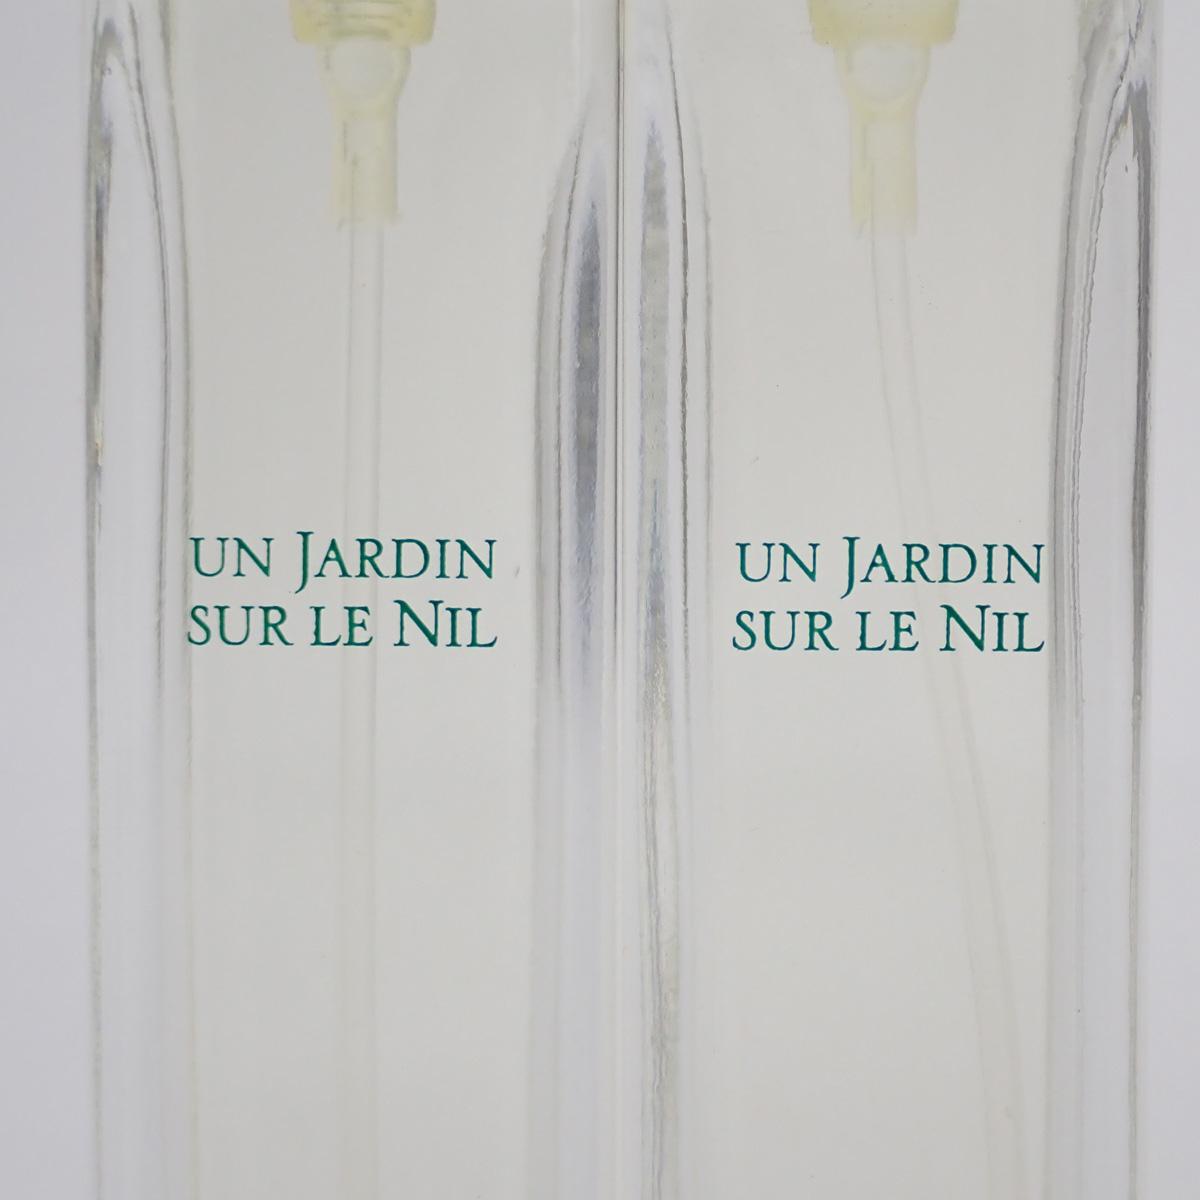 【辛口評価】【Sランク】HERMES エルメス ナイルの庭 地中海の庭 オードトワレ 15ml 4点セット